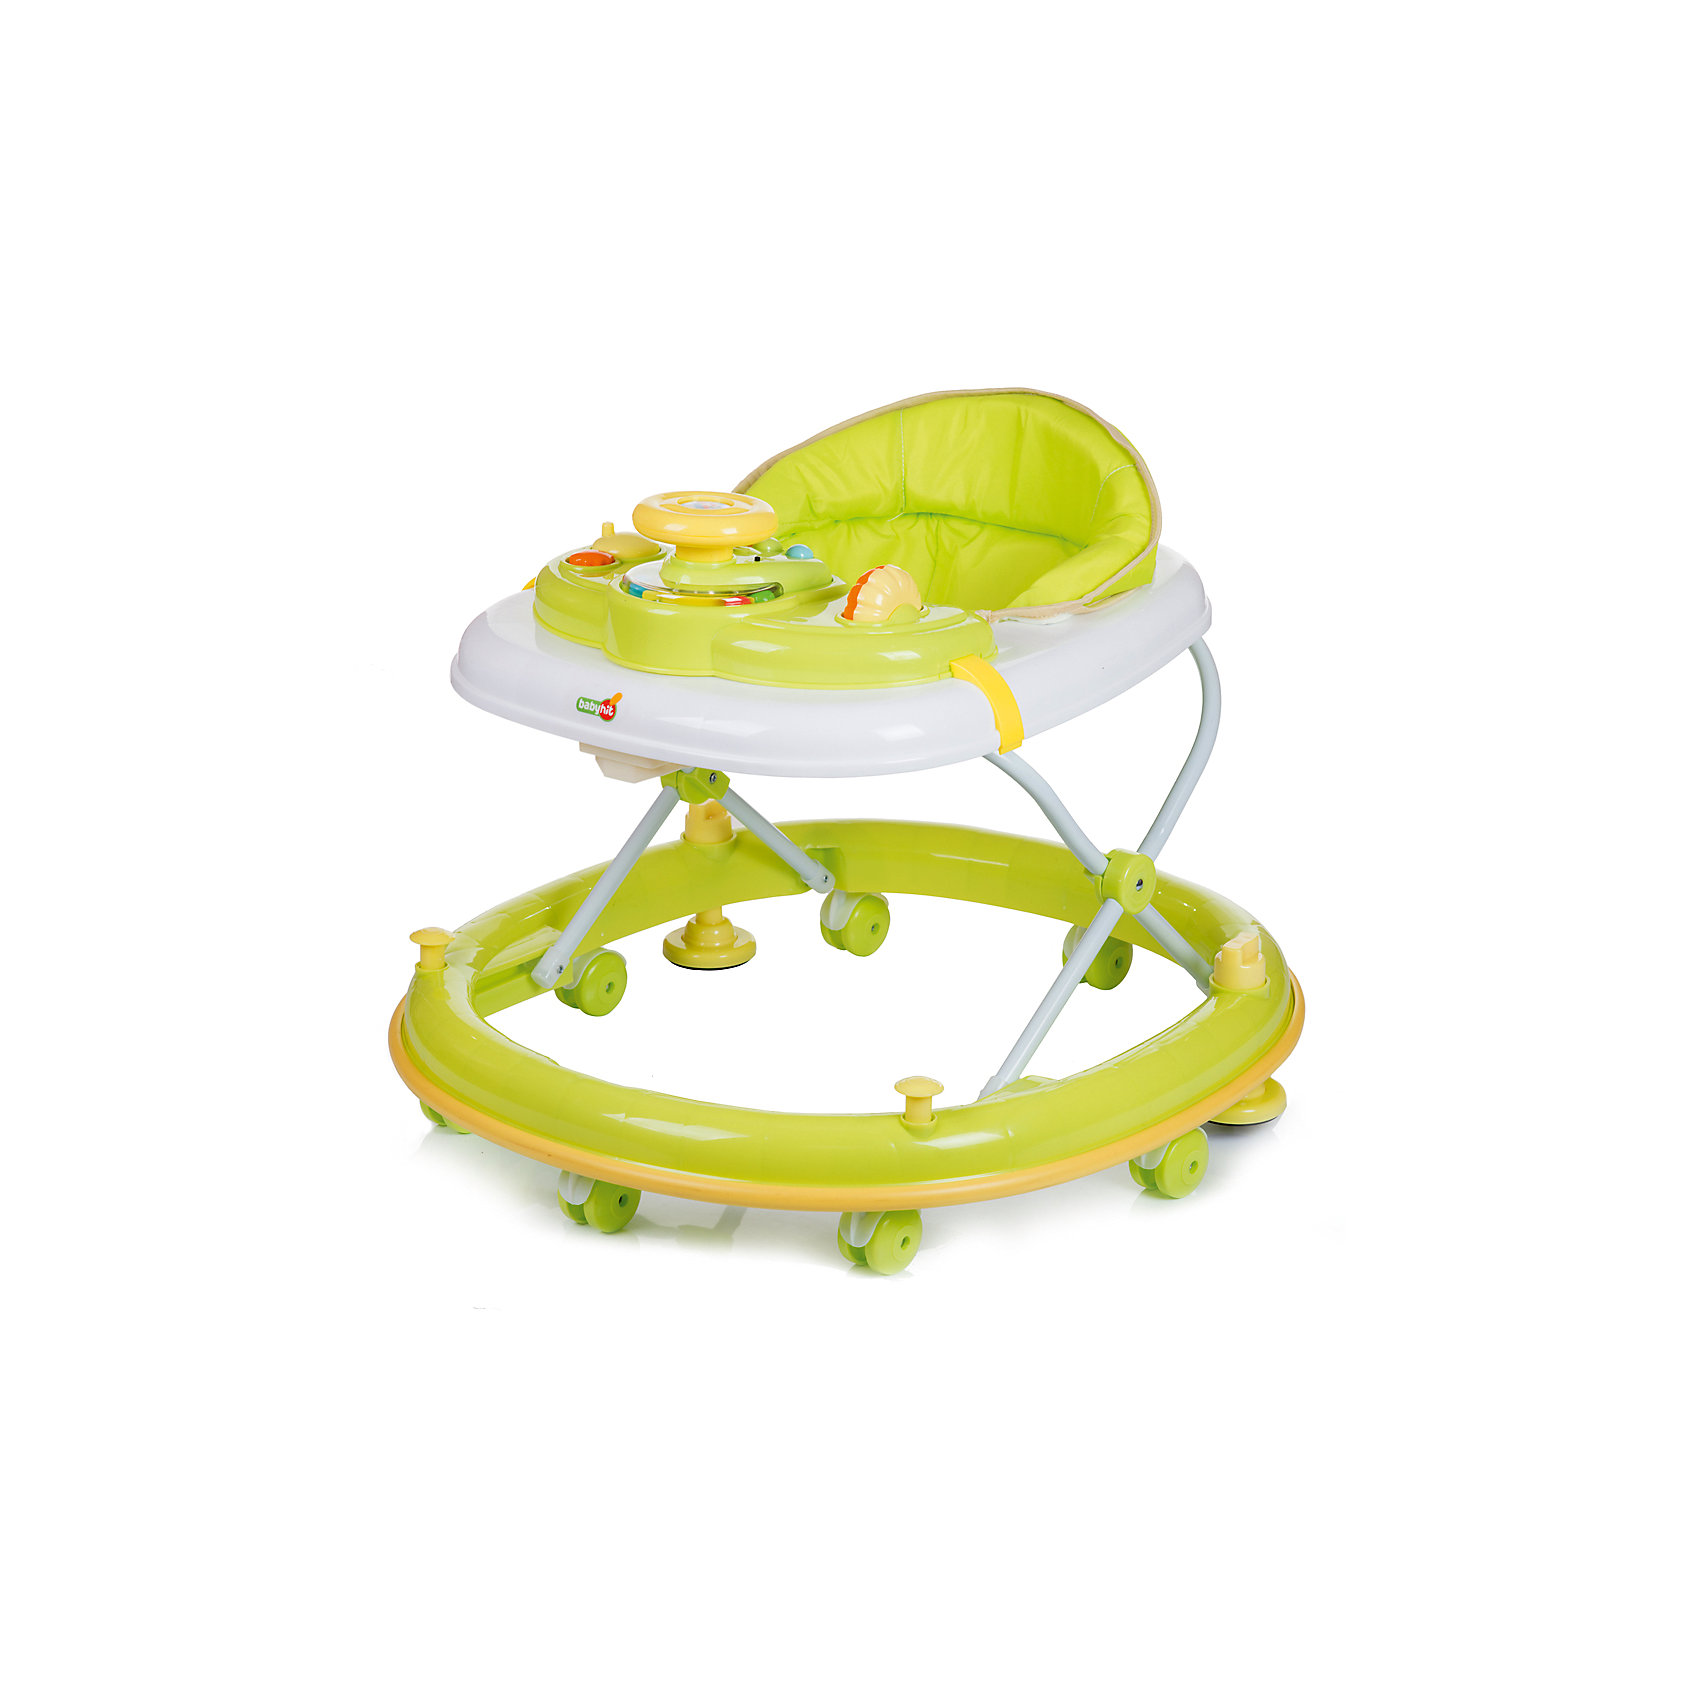 Ходунки CLEVER, Babyhit, зелёныйХодунки Babyhit Clever<br>Для детей от 7 до 18 месяцев<br>Закругленная база с мягкой окантовкой (защита от появления царапин на мебели и стенах)<br>Регулировка в 3-х уровнях по высоте<br>Игровая панель с звуковыми и световыми эффектами<br>Восемь сдвоенных колес с стопорами<br><br>Ширина мм: 715<br>Глубина мм: 110<br>Высота мм: 665<br>Вес г: 4800<br>Возраст от месяцев: 6<br>Возраст до месяцев: 18<br>Пол: Унисекс<br>Возраст: Детский<br>SKU: 5500344